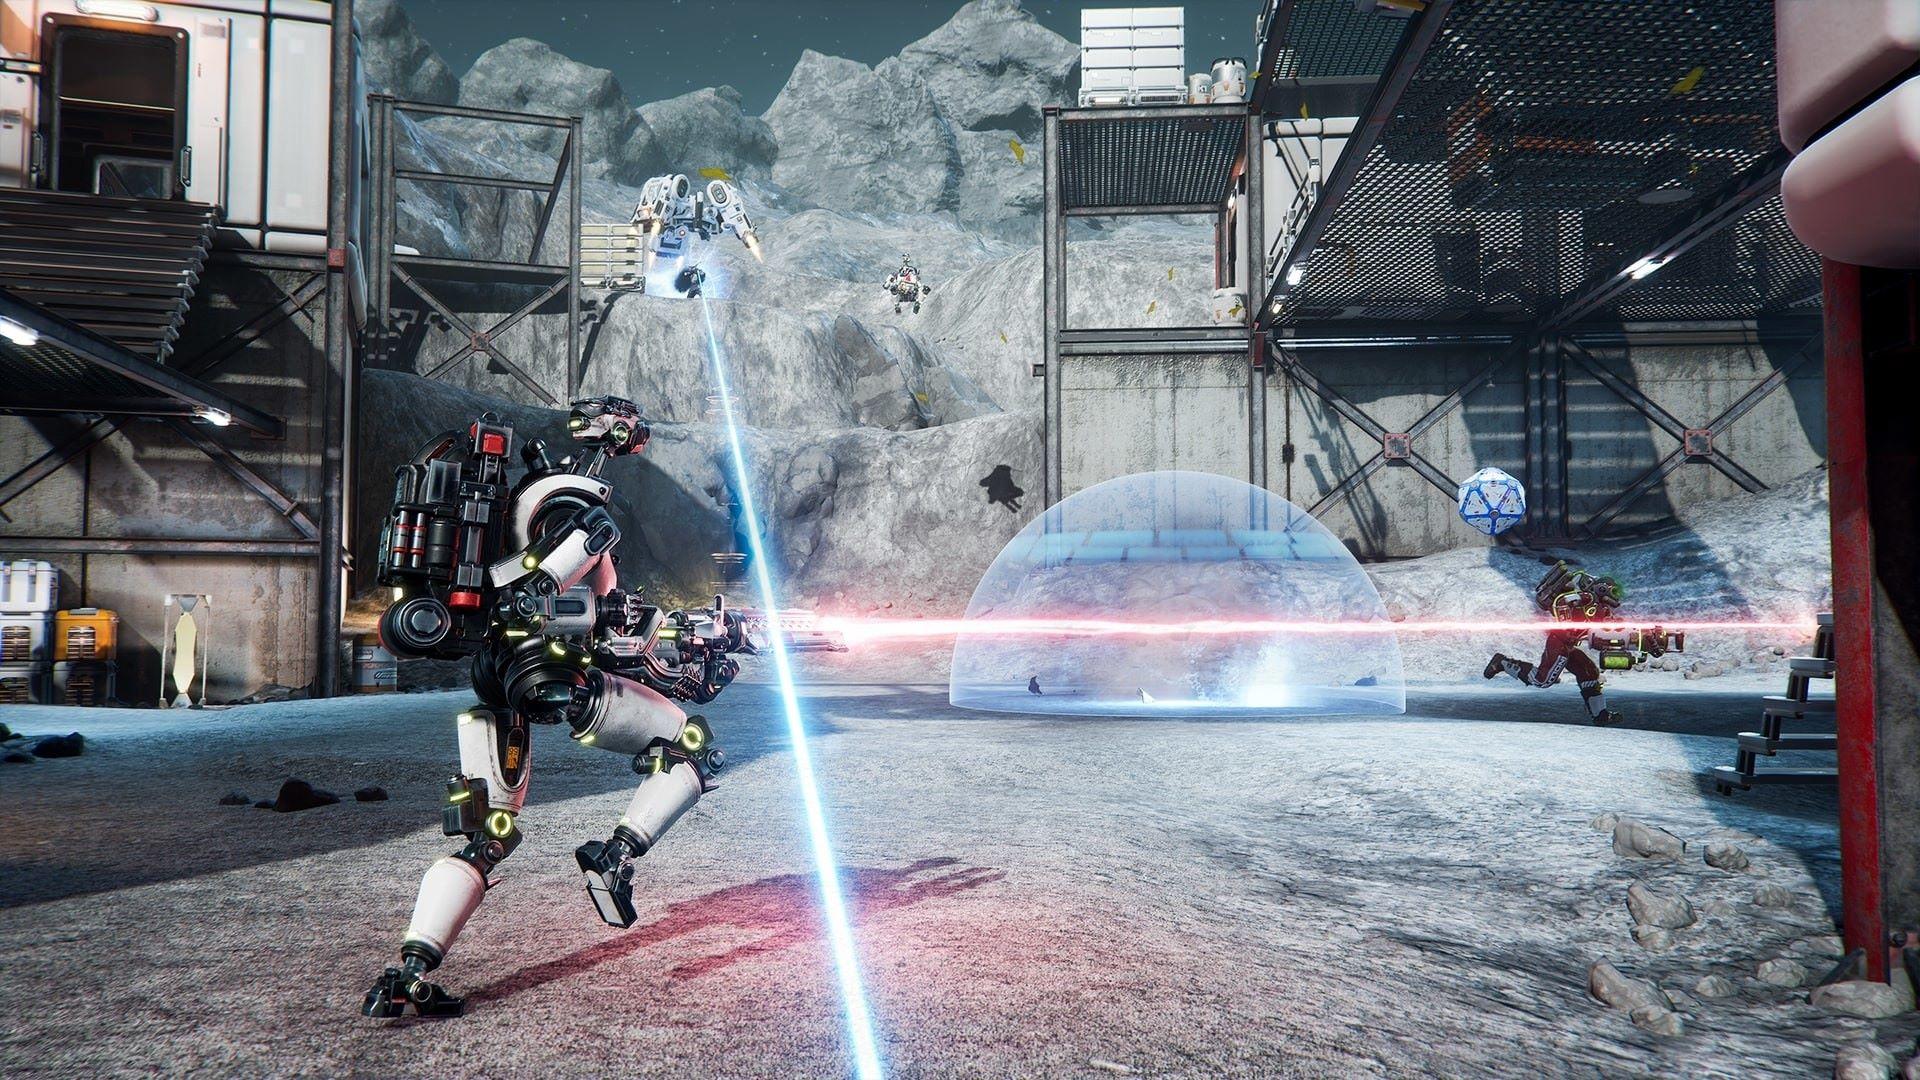 X35 Earthwalker Lemnis Gate gaming blog post